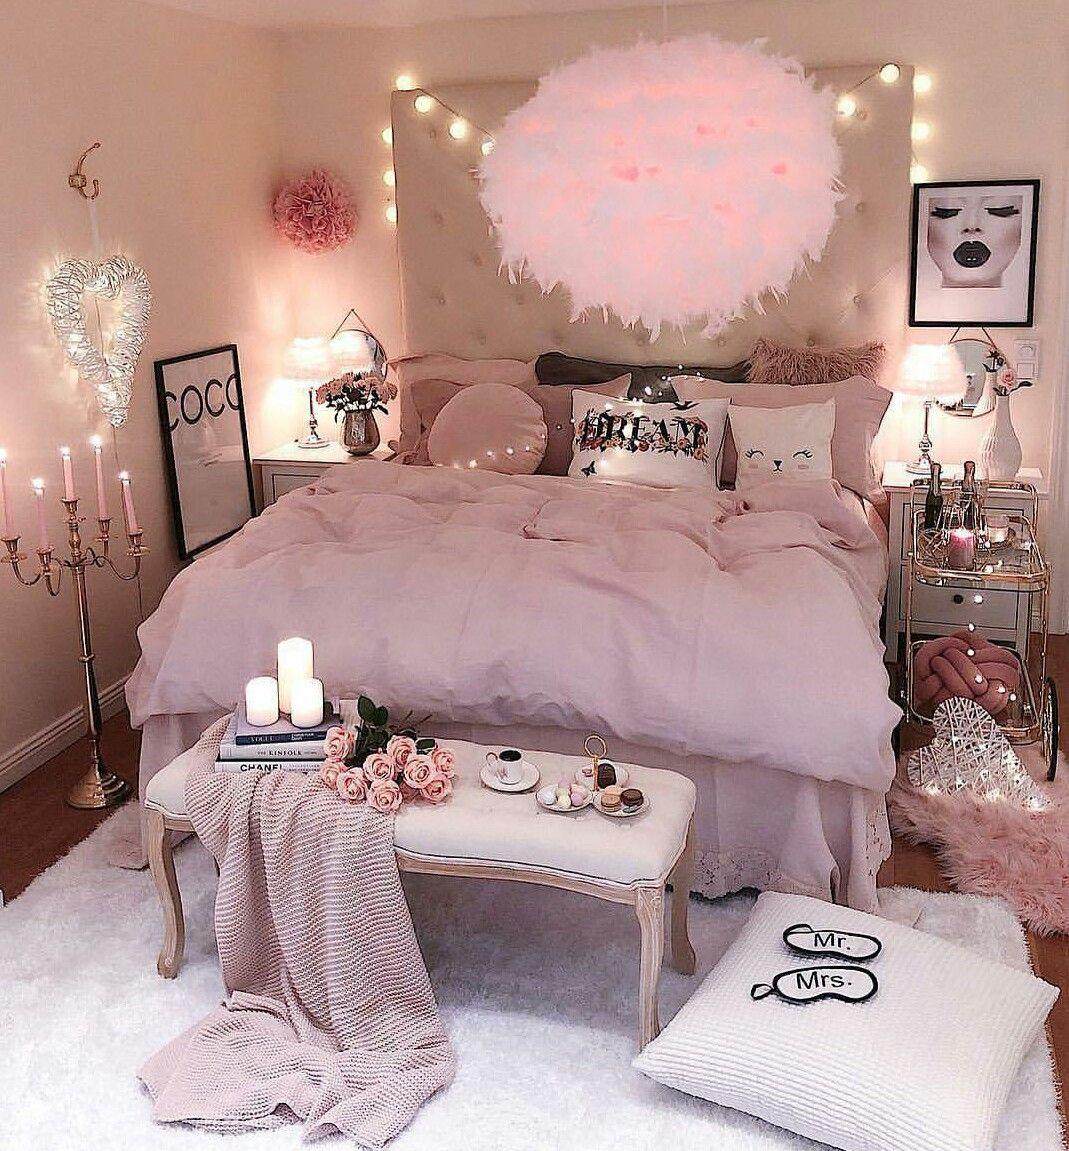 kae4evalol Pink  living room  decor Girl  bedroom  designs